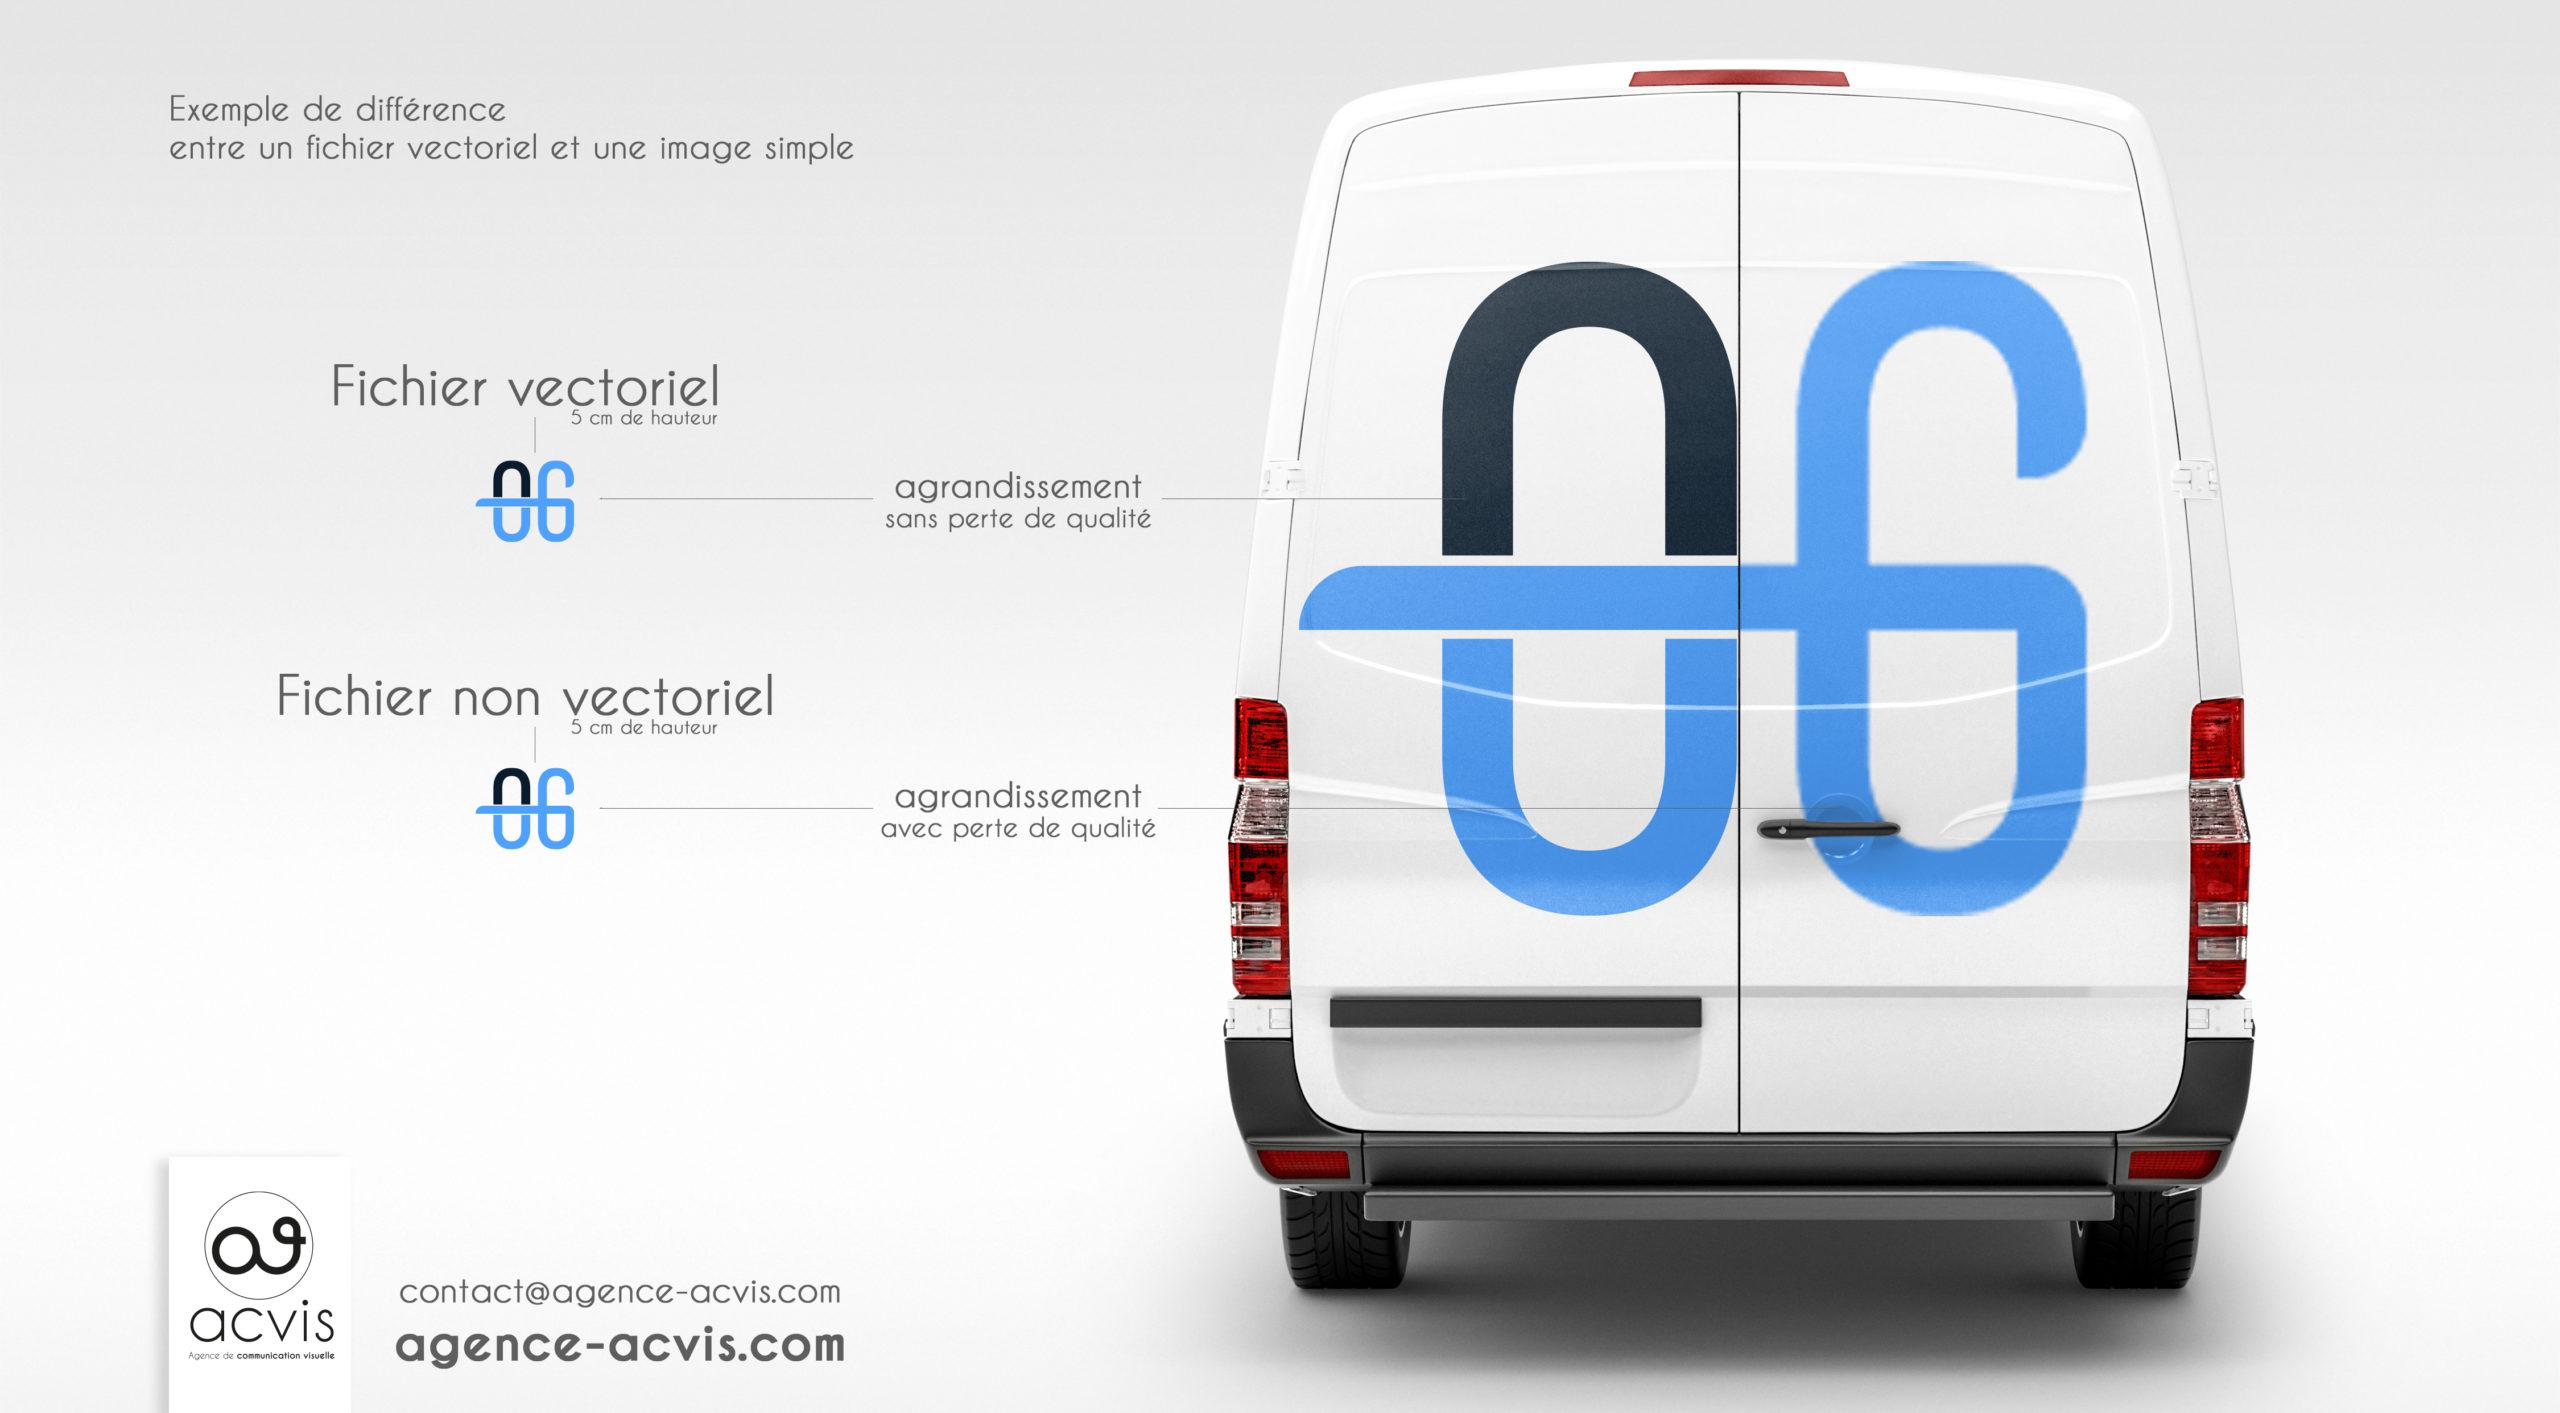 Exemple différence logo vectoriel et non vectoriel